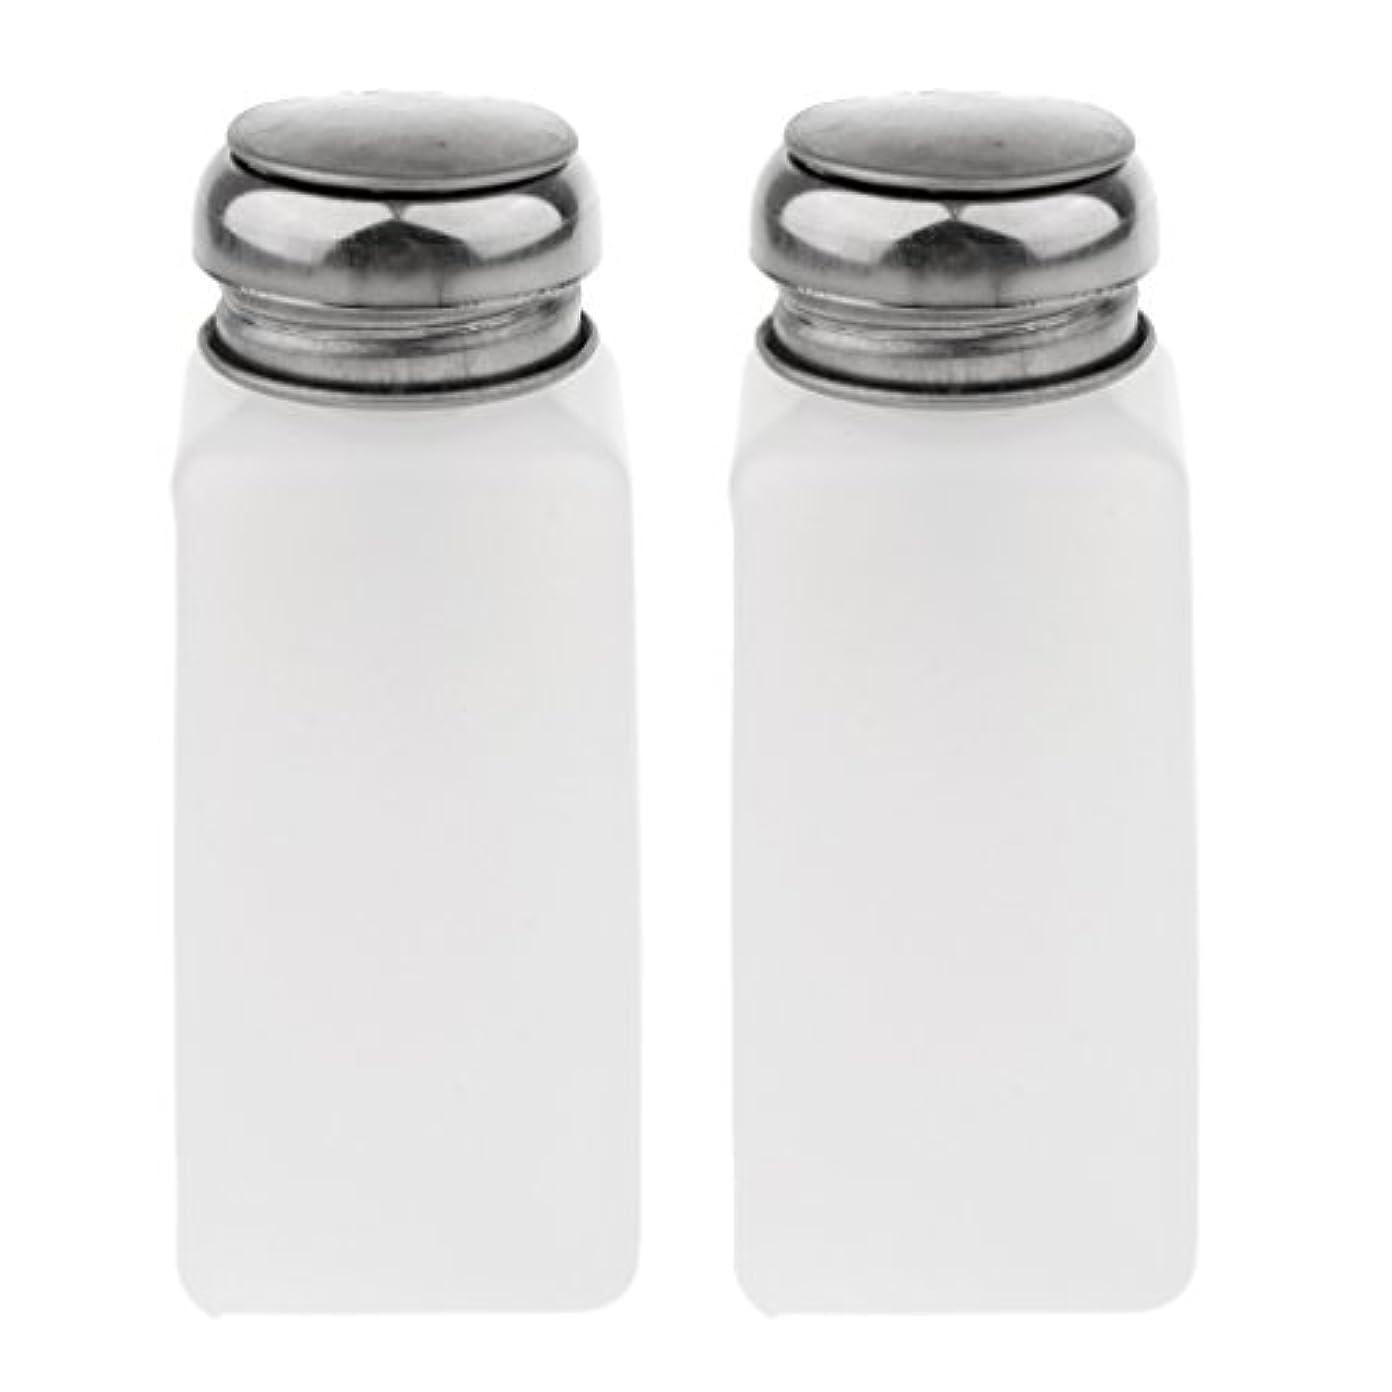 不実ページロータリーPerfk 2個 空ポンプ ボトル ネイルクリーナーボトル ポンプディスペンサー ジェルクリーナー 3サイズ選べ  - 250ミリリットル